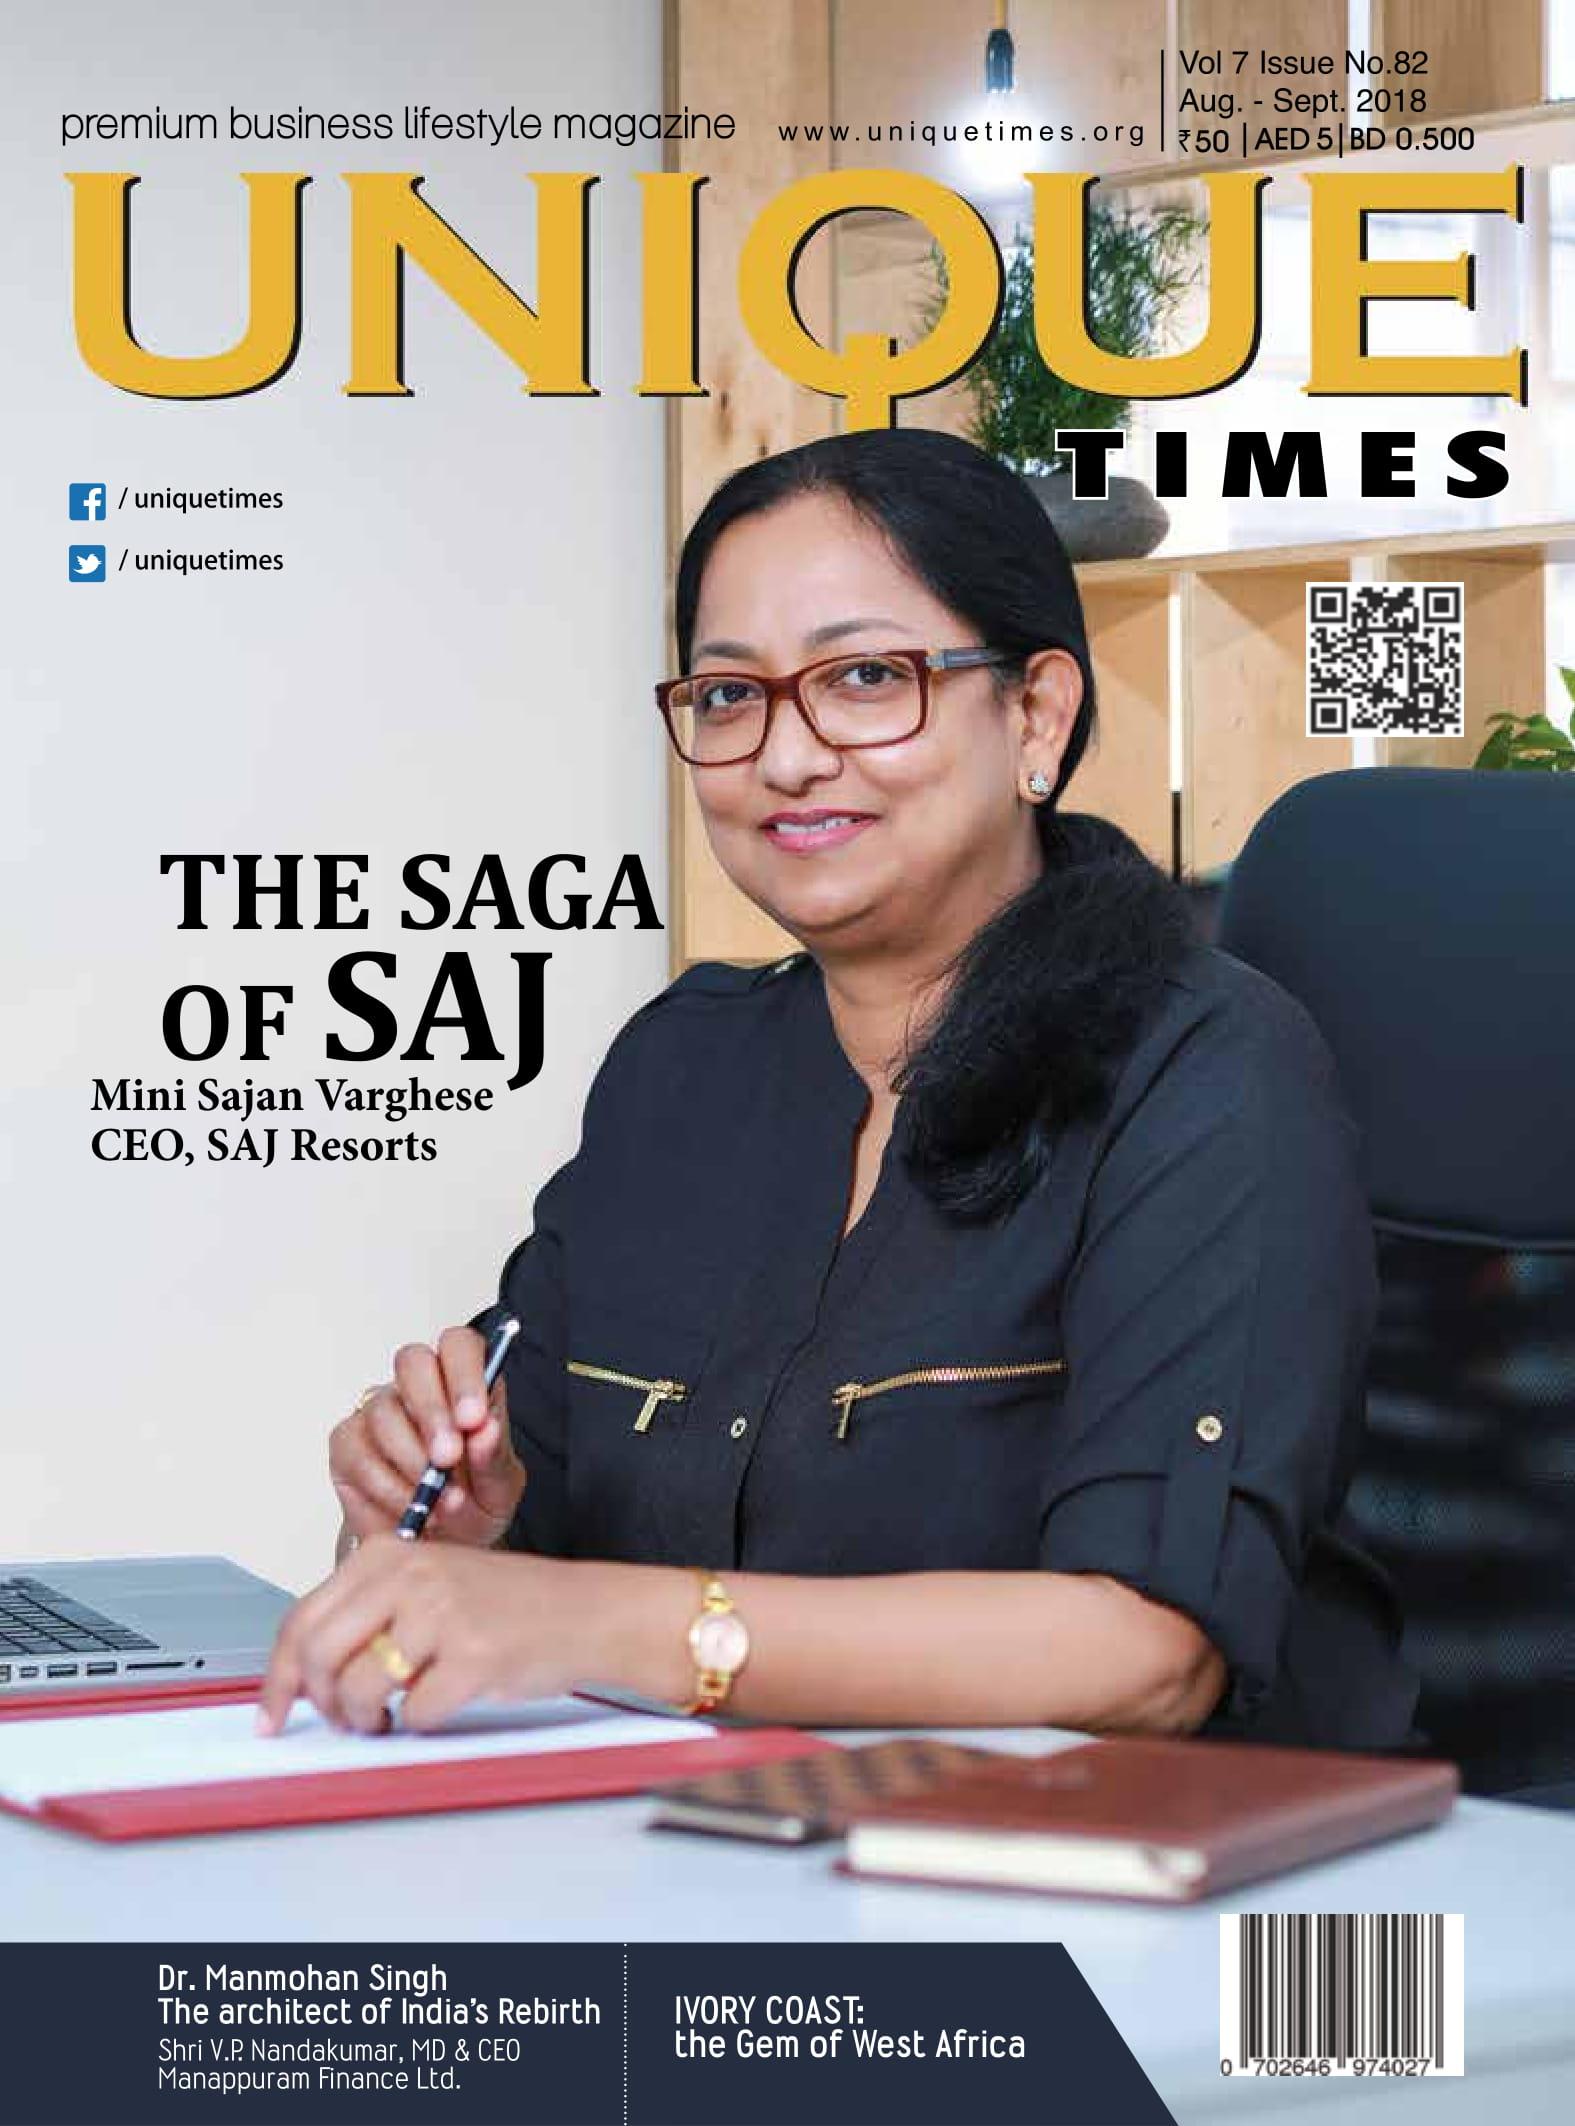 Mini Sajan Varghese, CEO - Saj Resorts